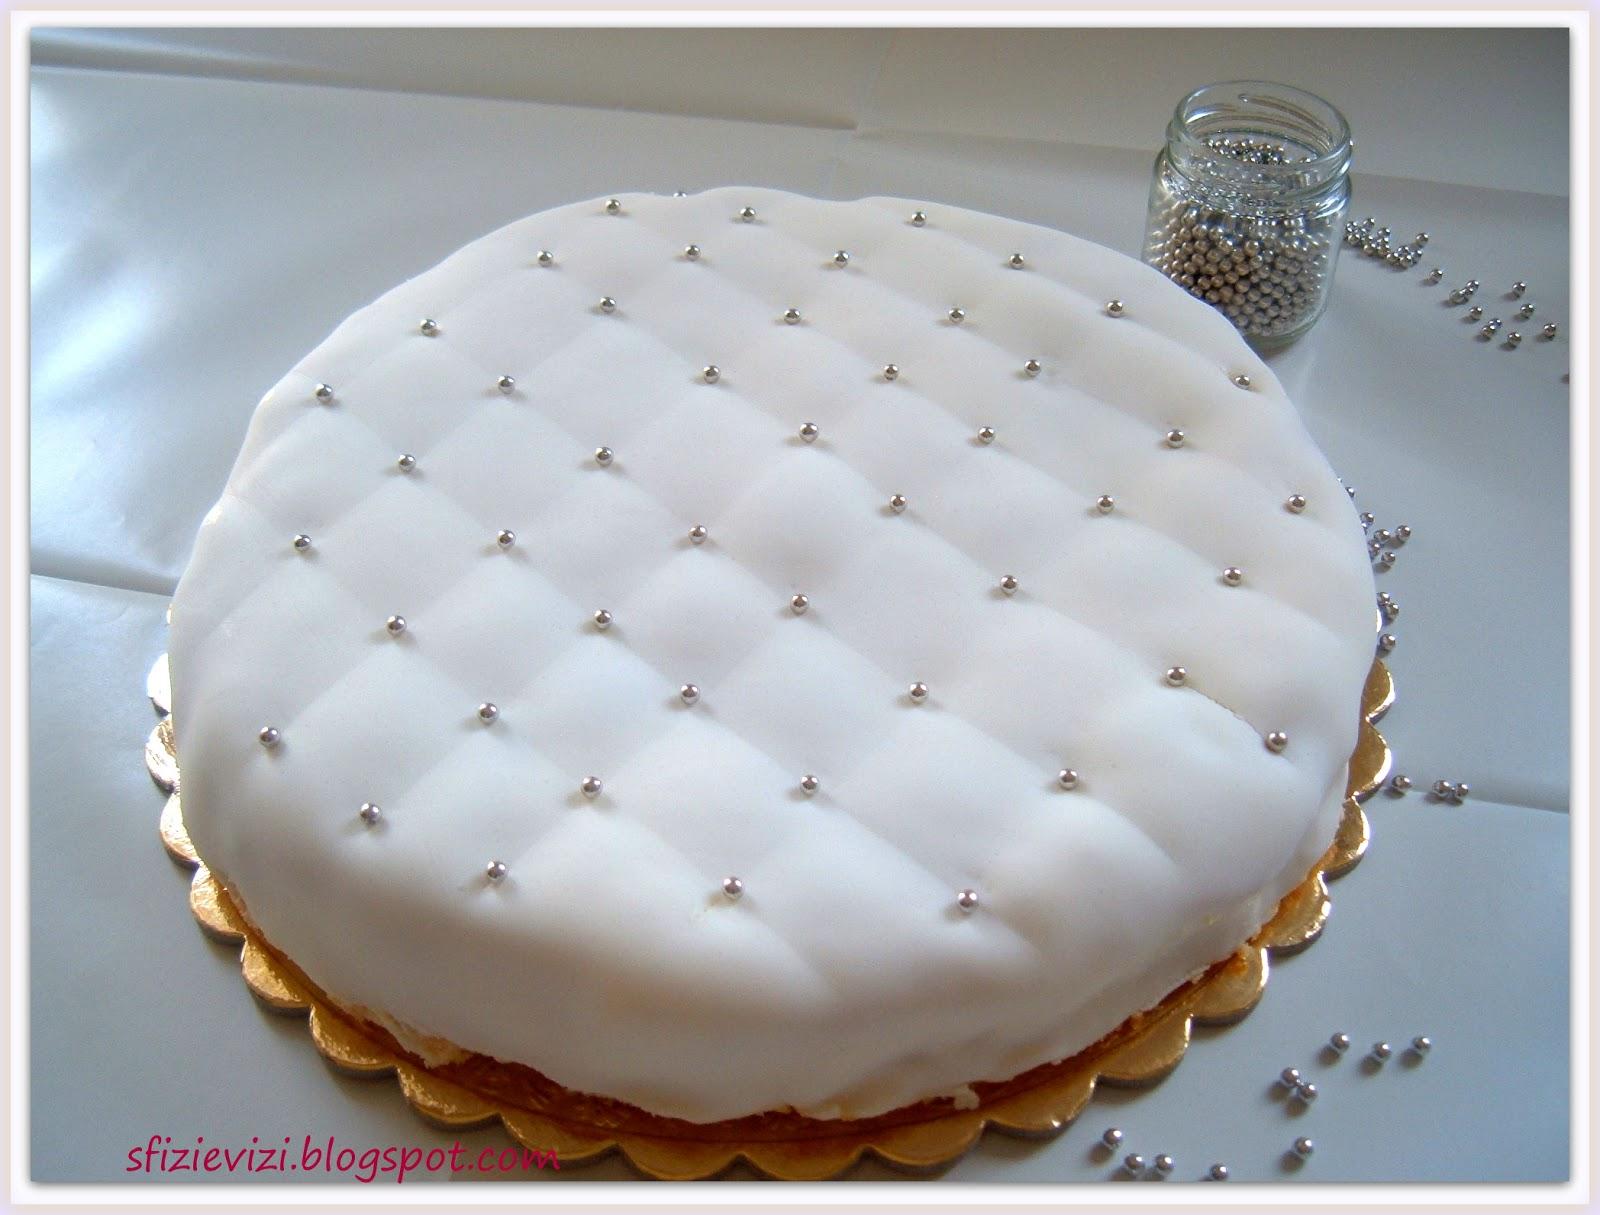 Torta con pasta di zucchero senza glutine